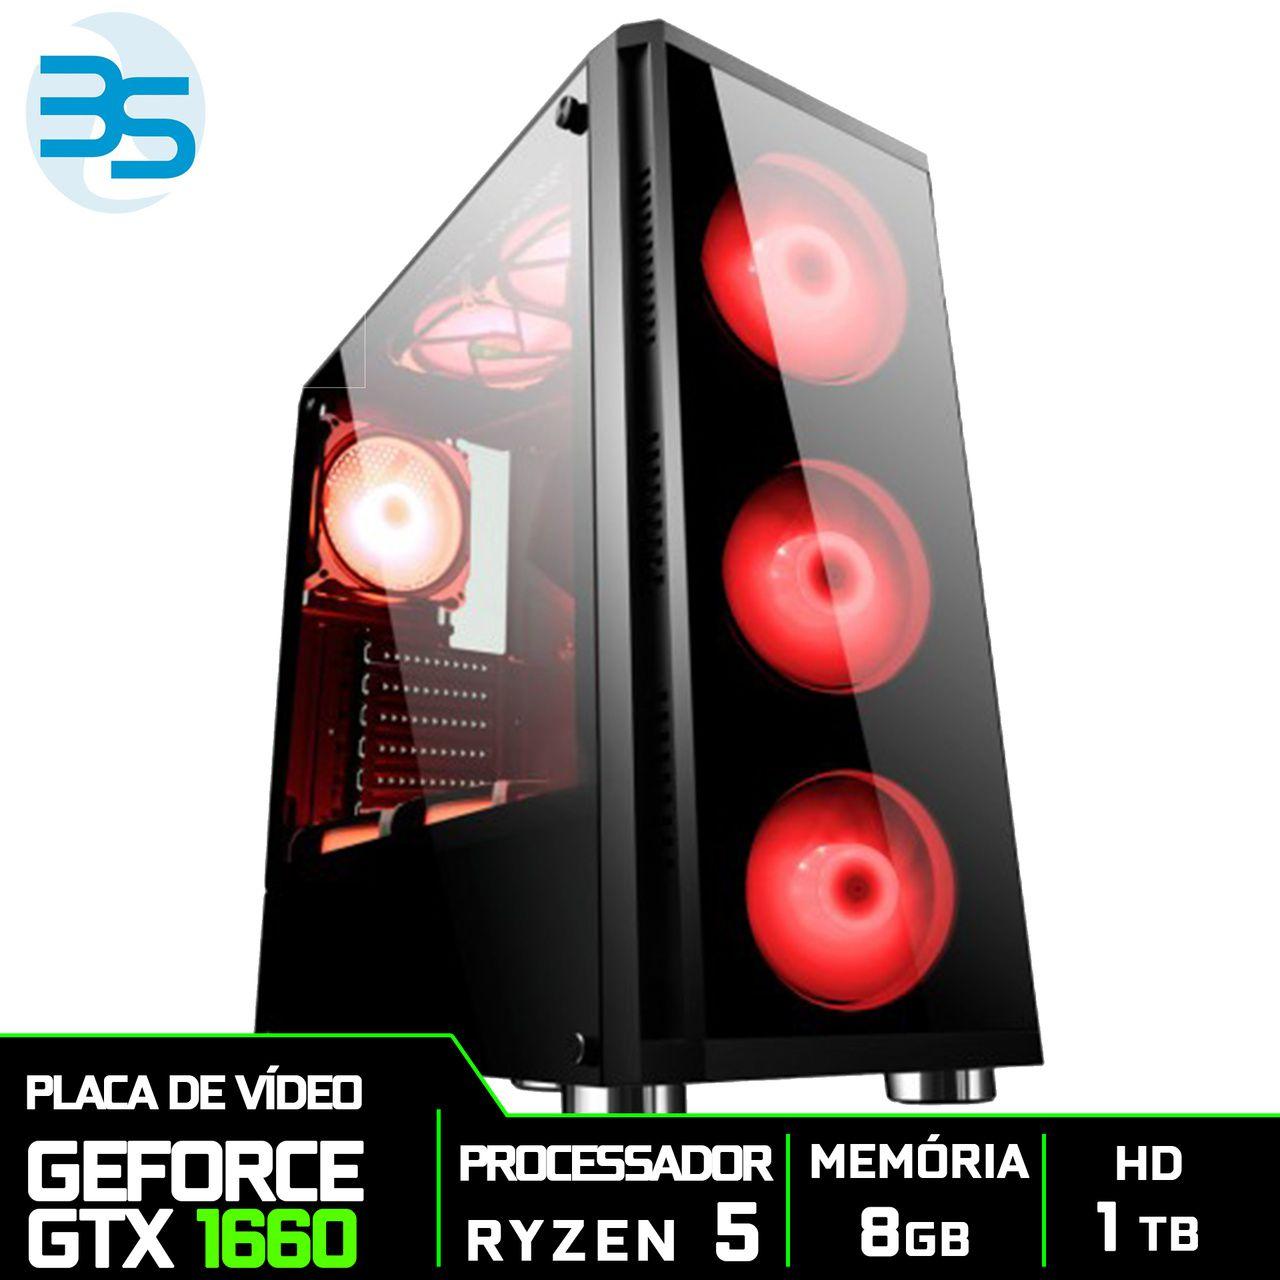 Computador Gamer AMD Ryzen 5 3600, HD 1TB, 8GB DDR4, 500W, GTX 1660 6GB